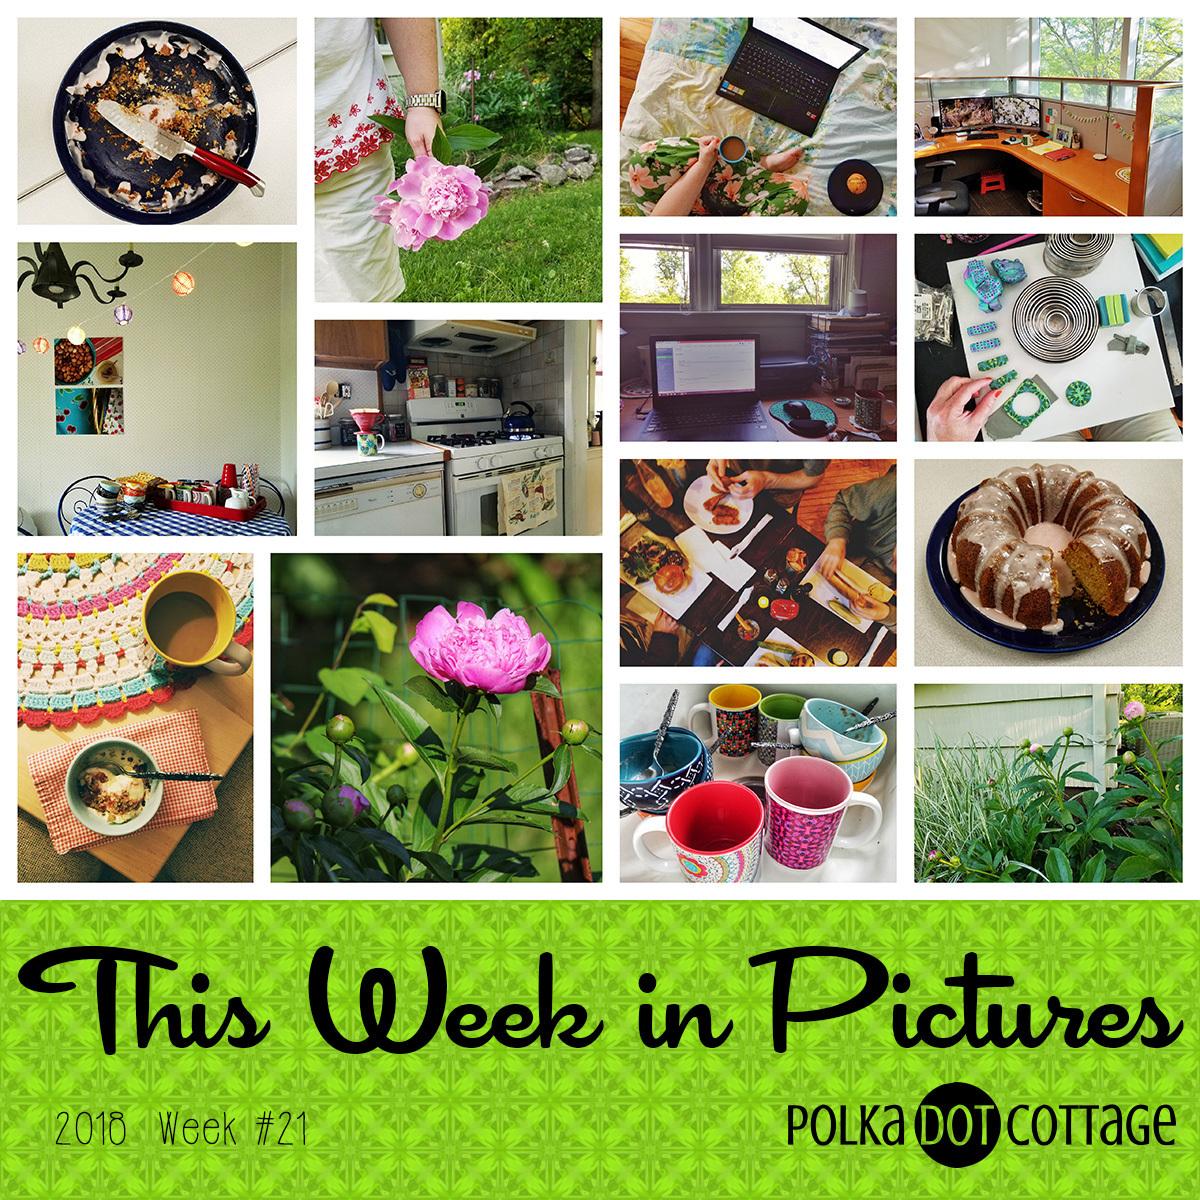 This week in Pictures, Week 21, 2018